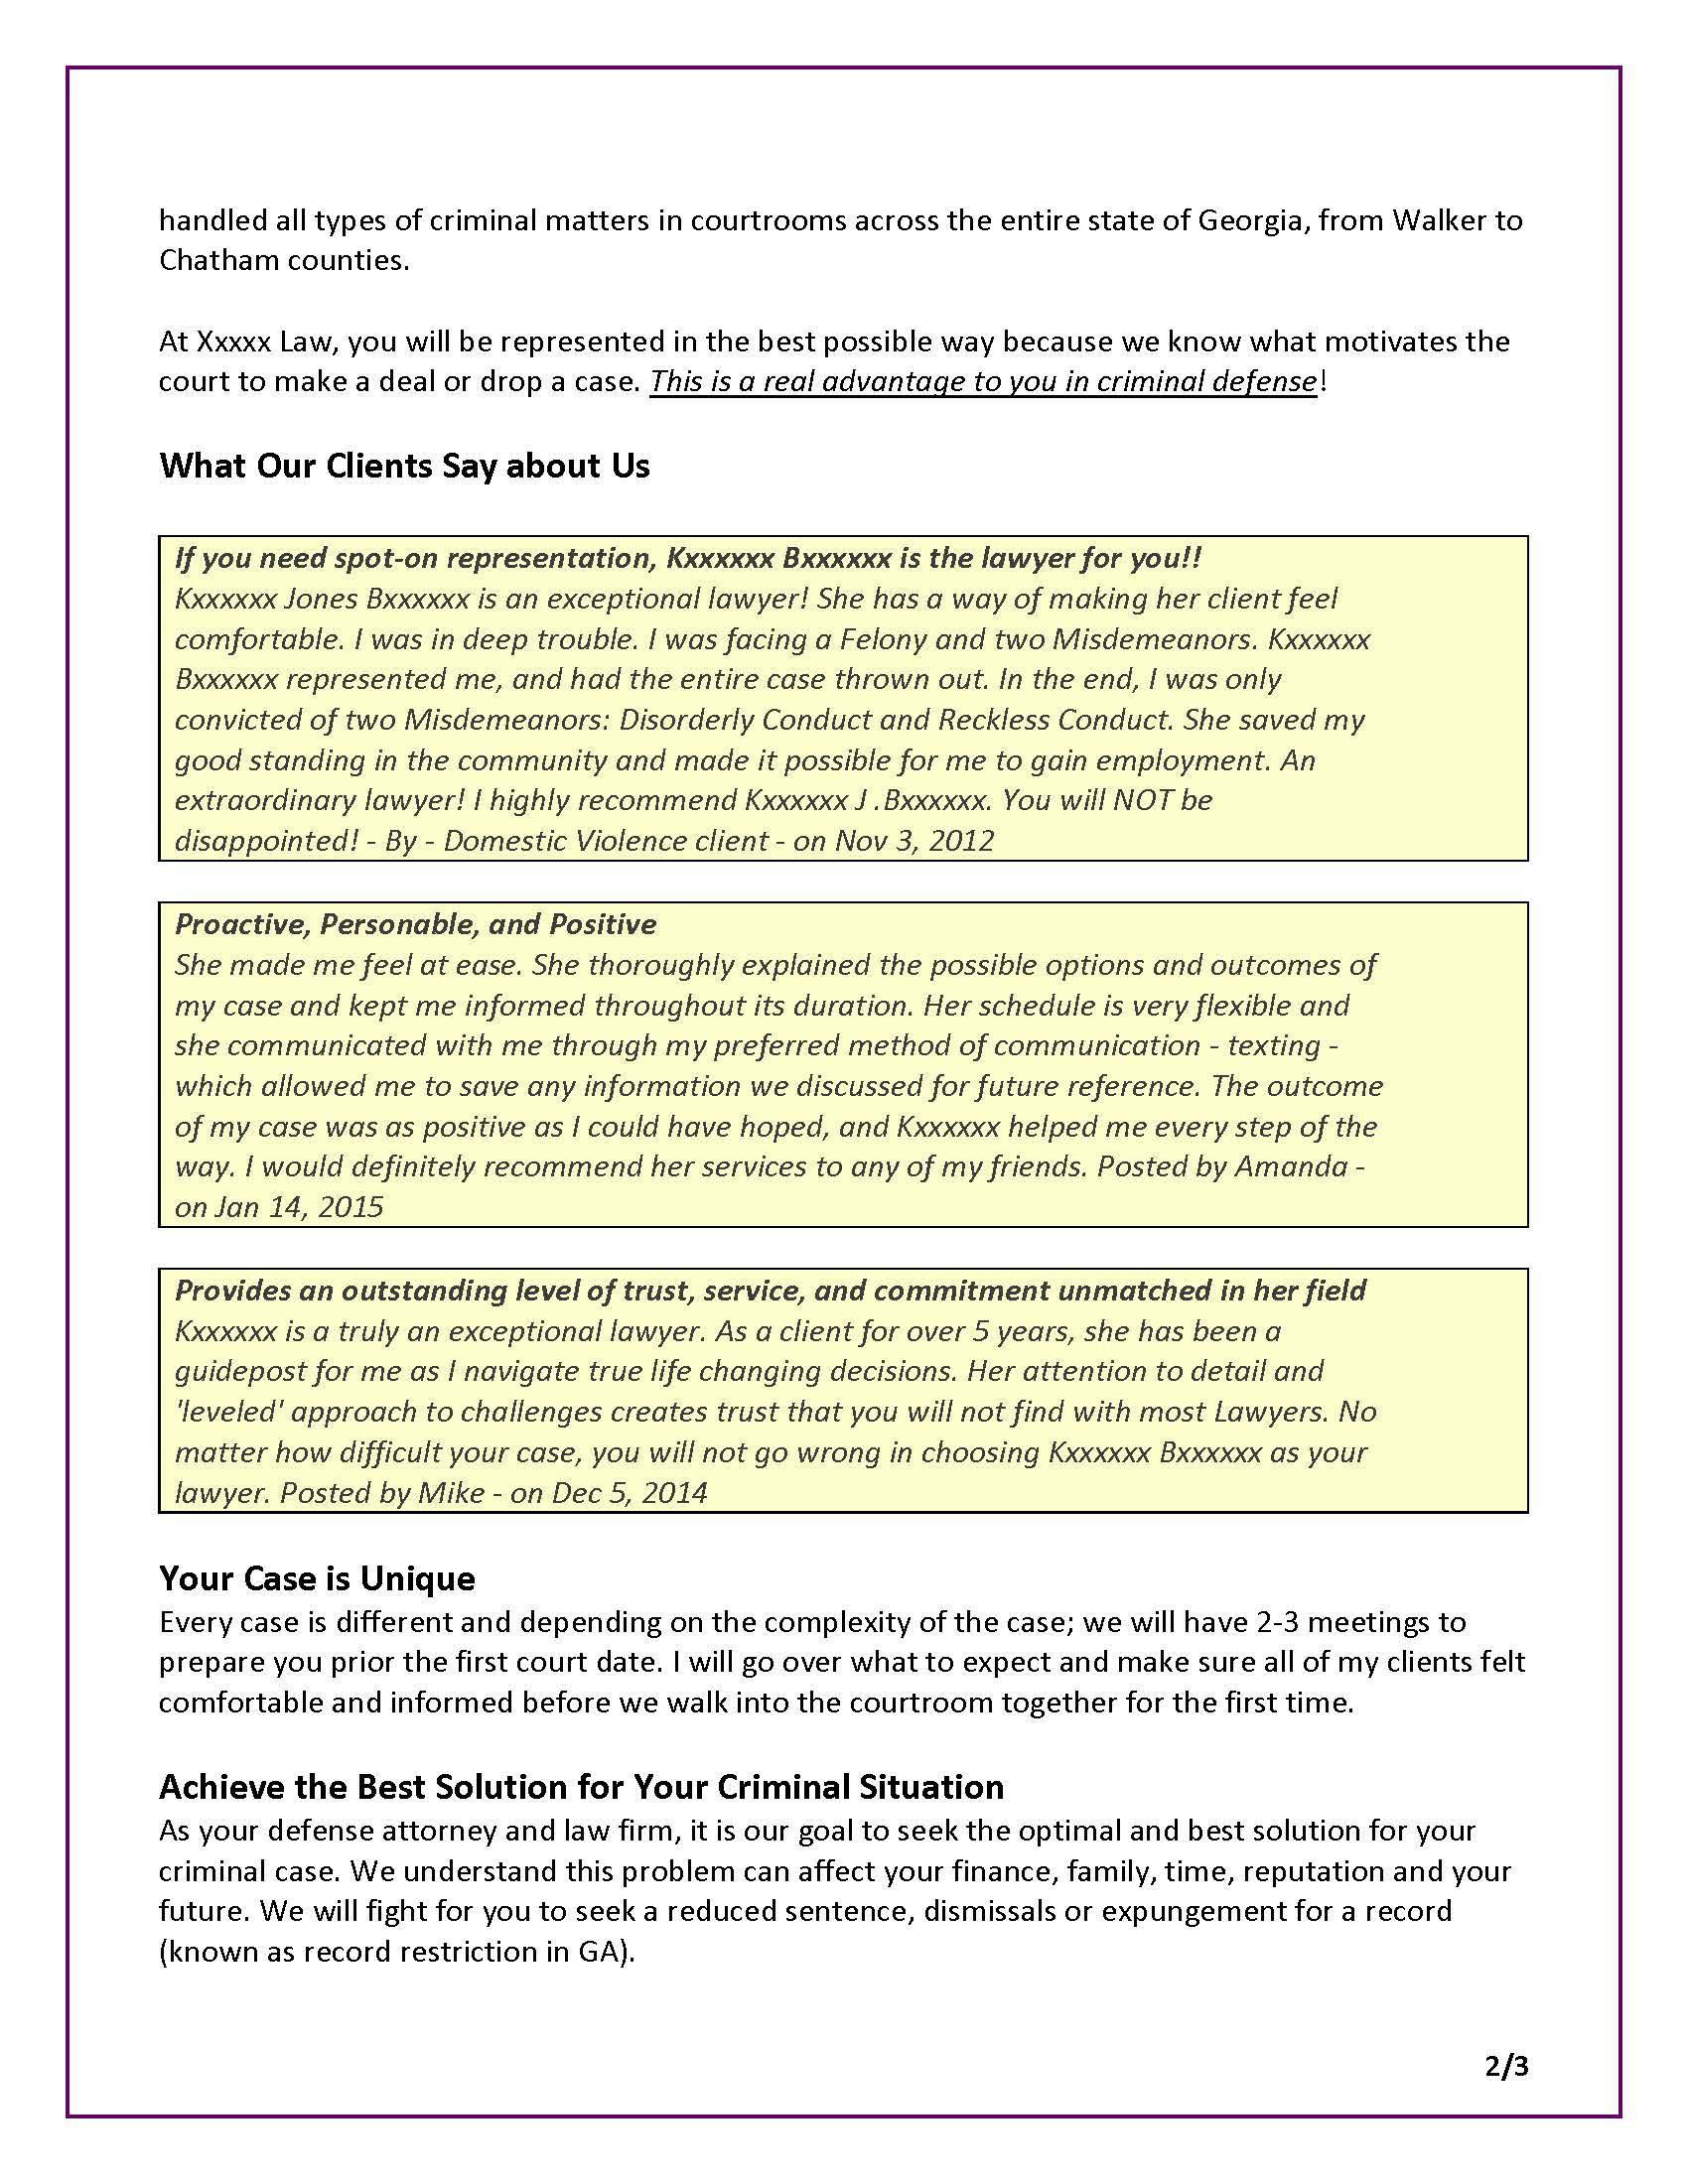 Sales Letter Dm Letter For Criminal Defense Attorney Page 2